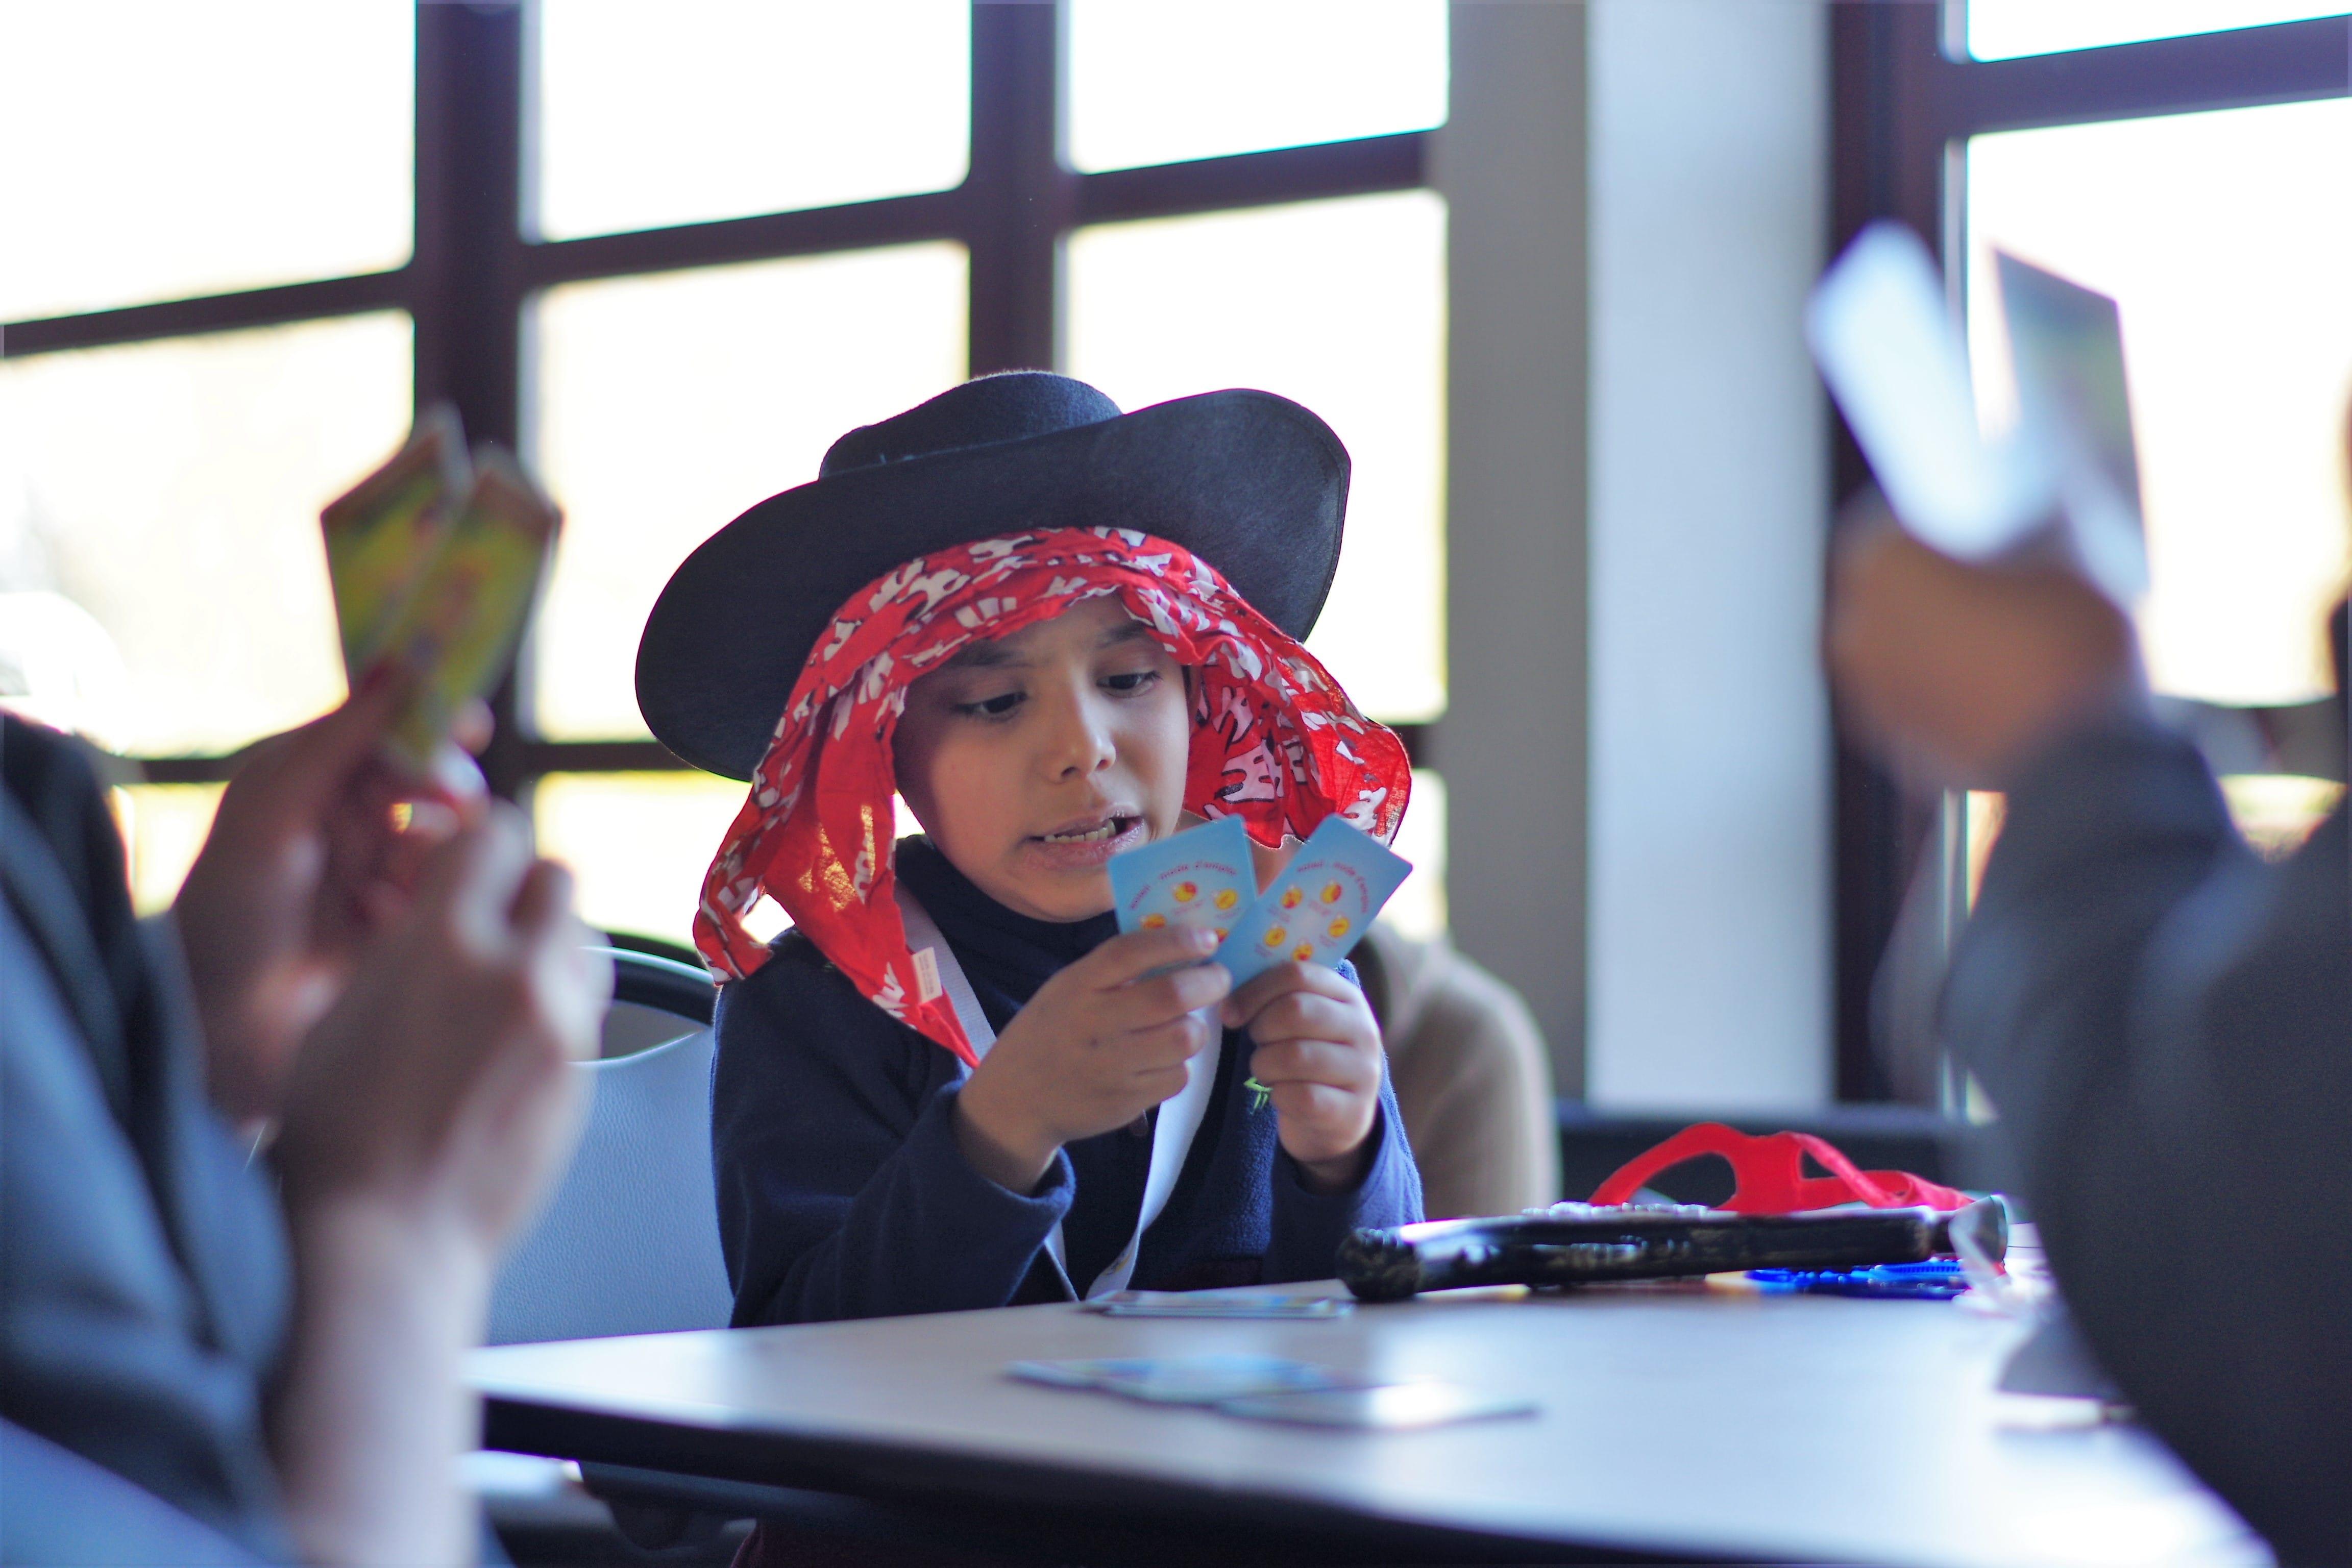 Enfant déguisé jouant aux cartes